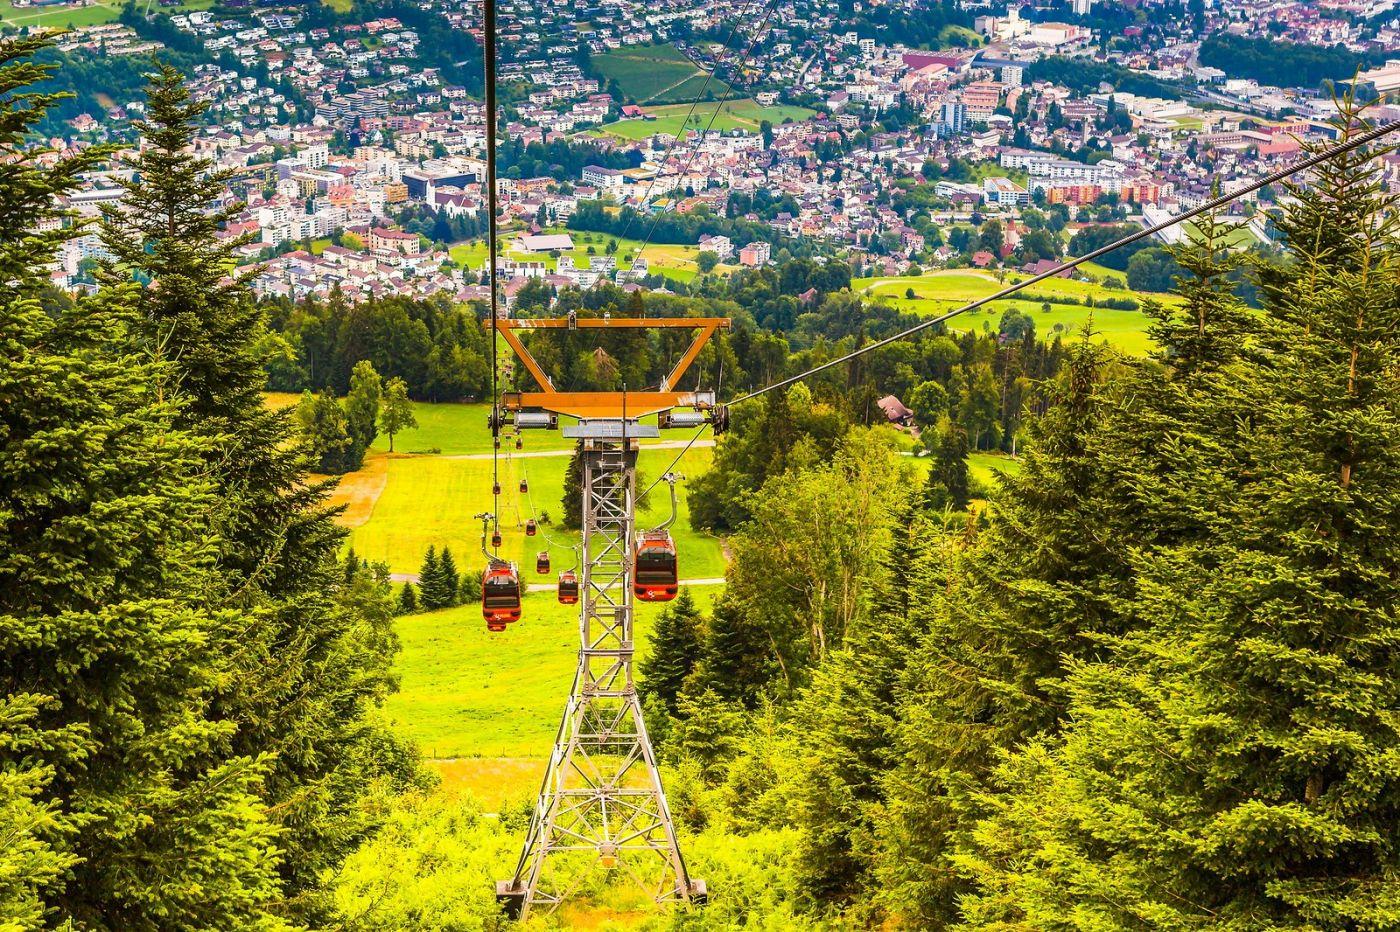 瑞士卢塞恩(Lucerne),坐缆车看风景_图1-9